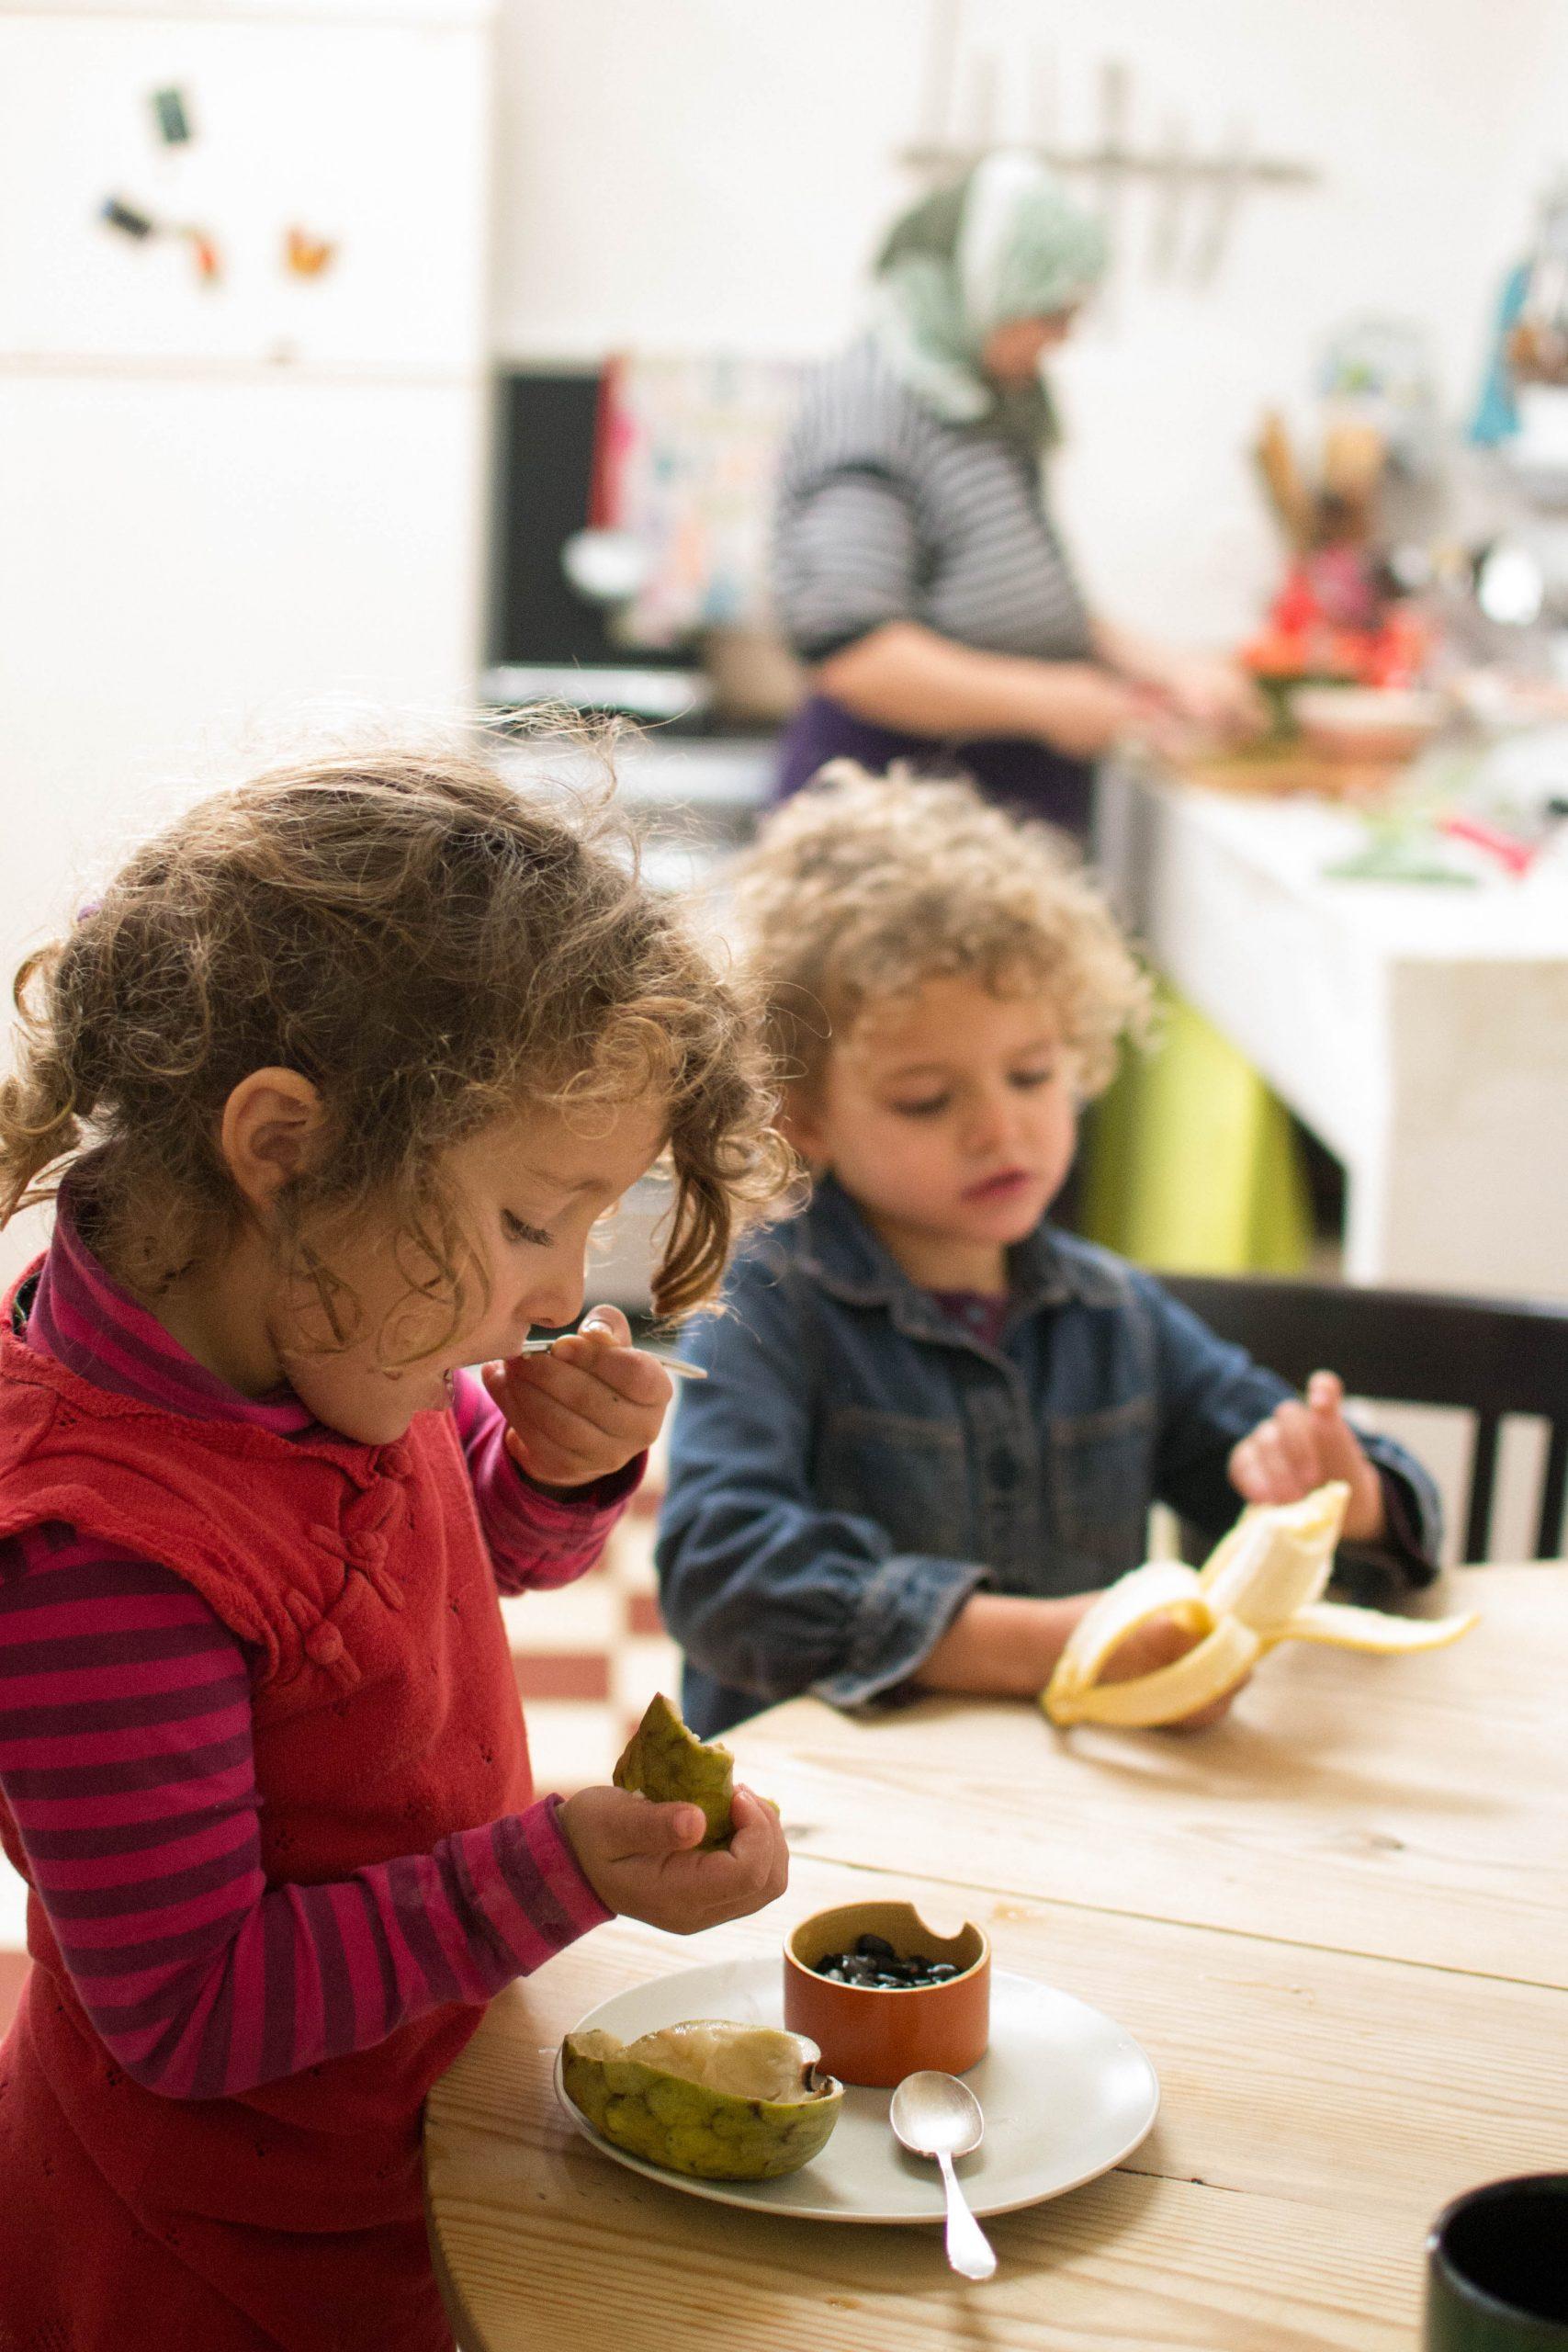 children eating healthy foods